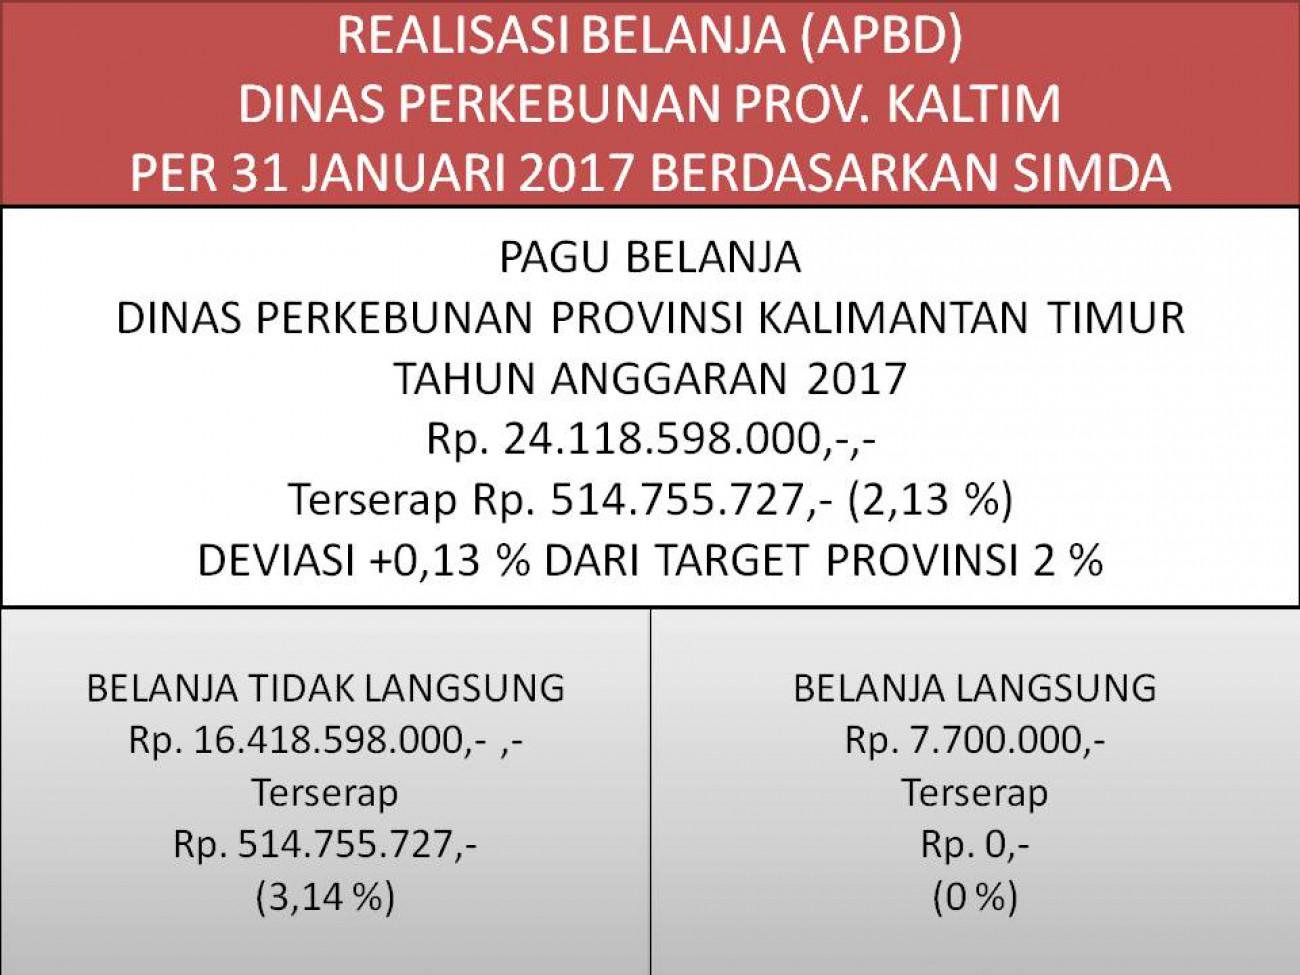 Laporan Realisasi APBD Dinas Perkebunan Prov. Kaltim Bulan Januari 2017